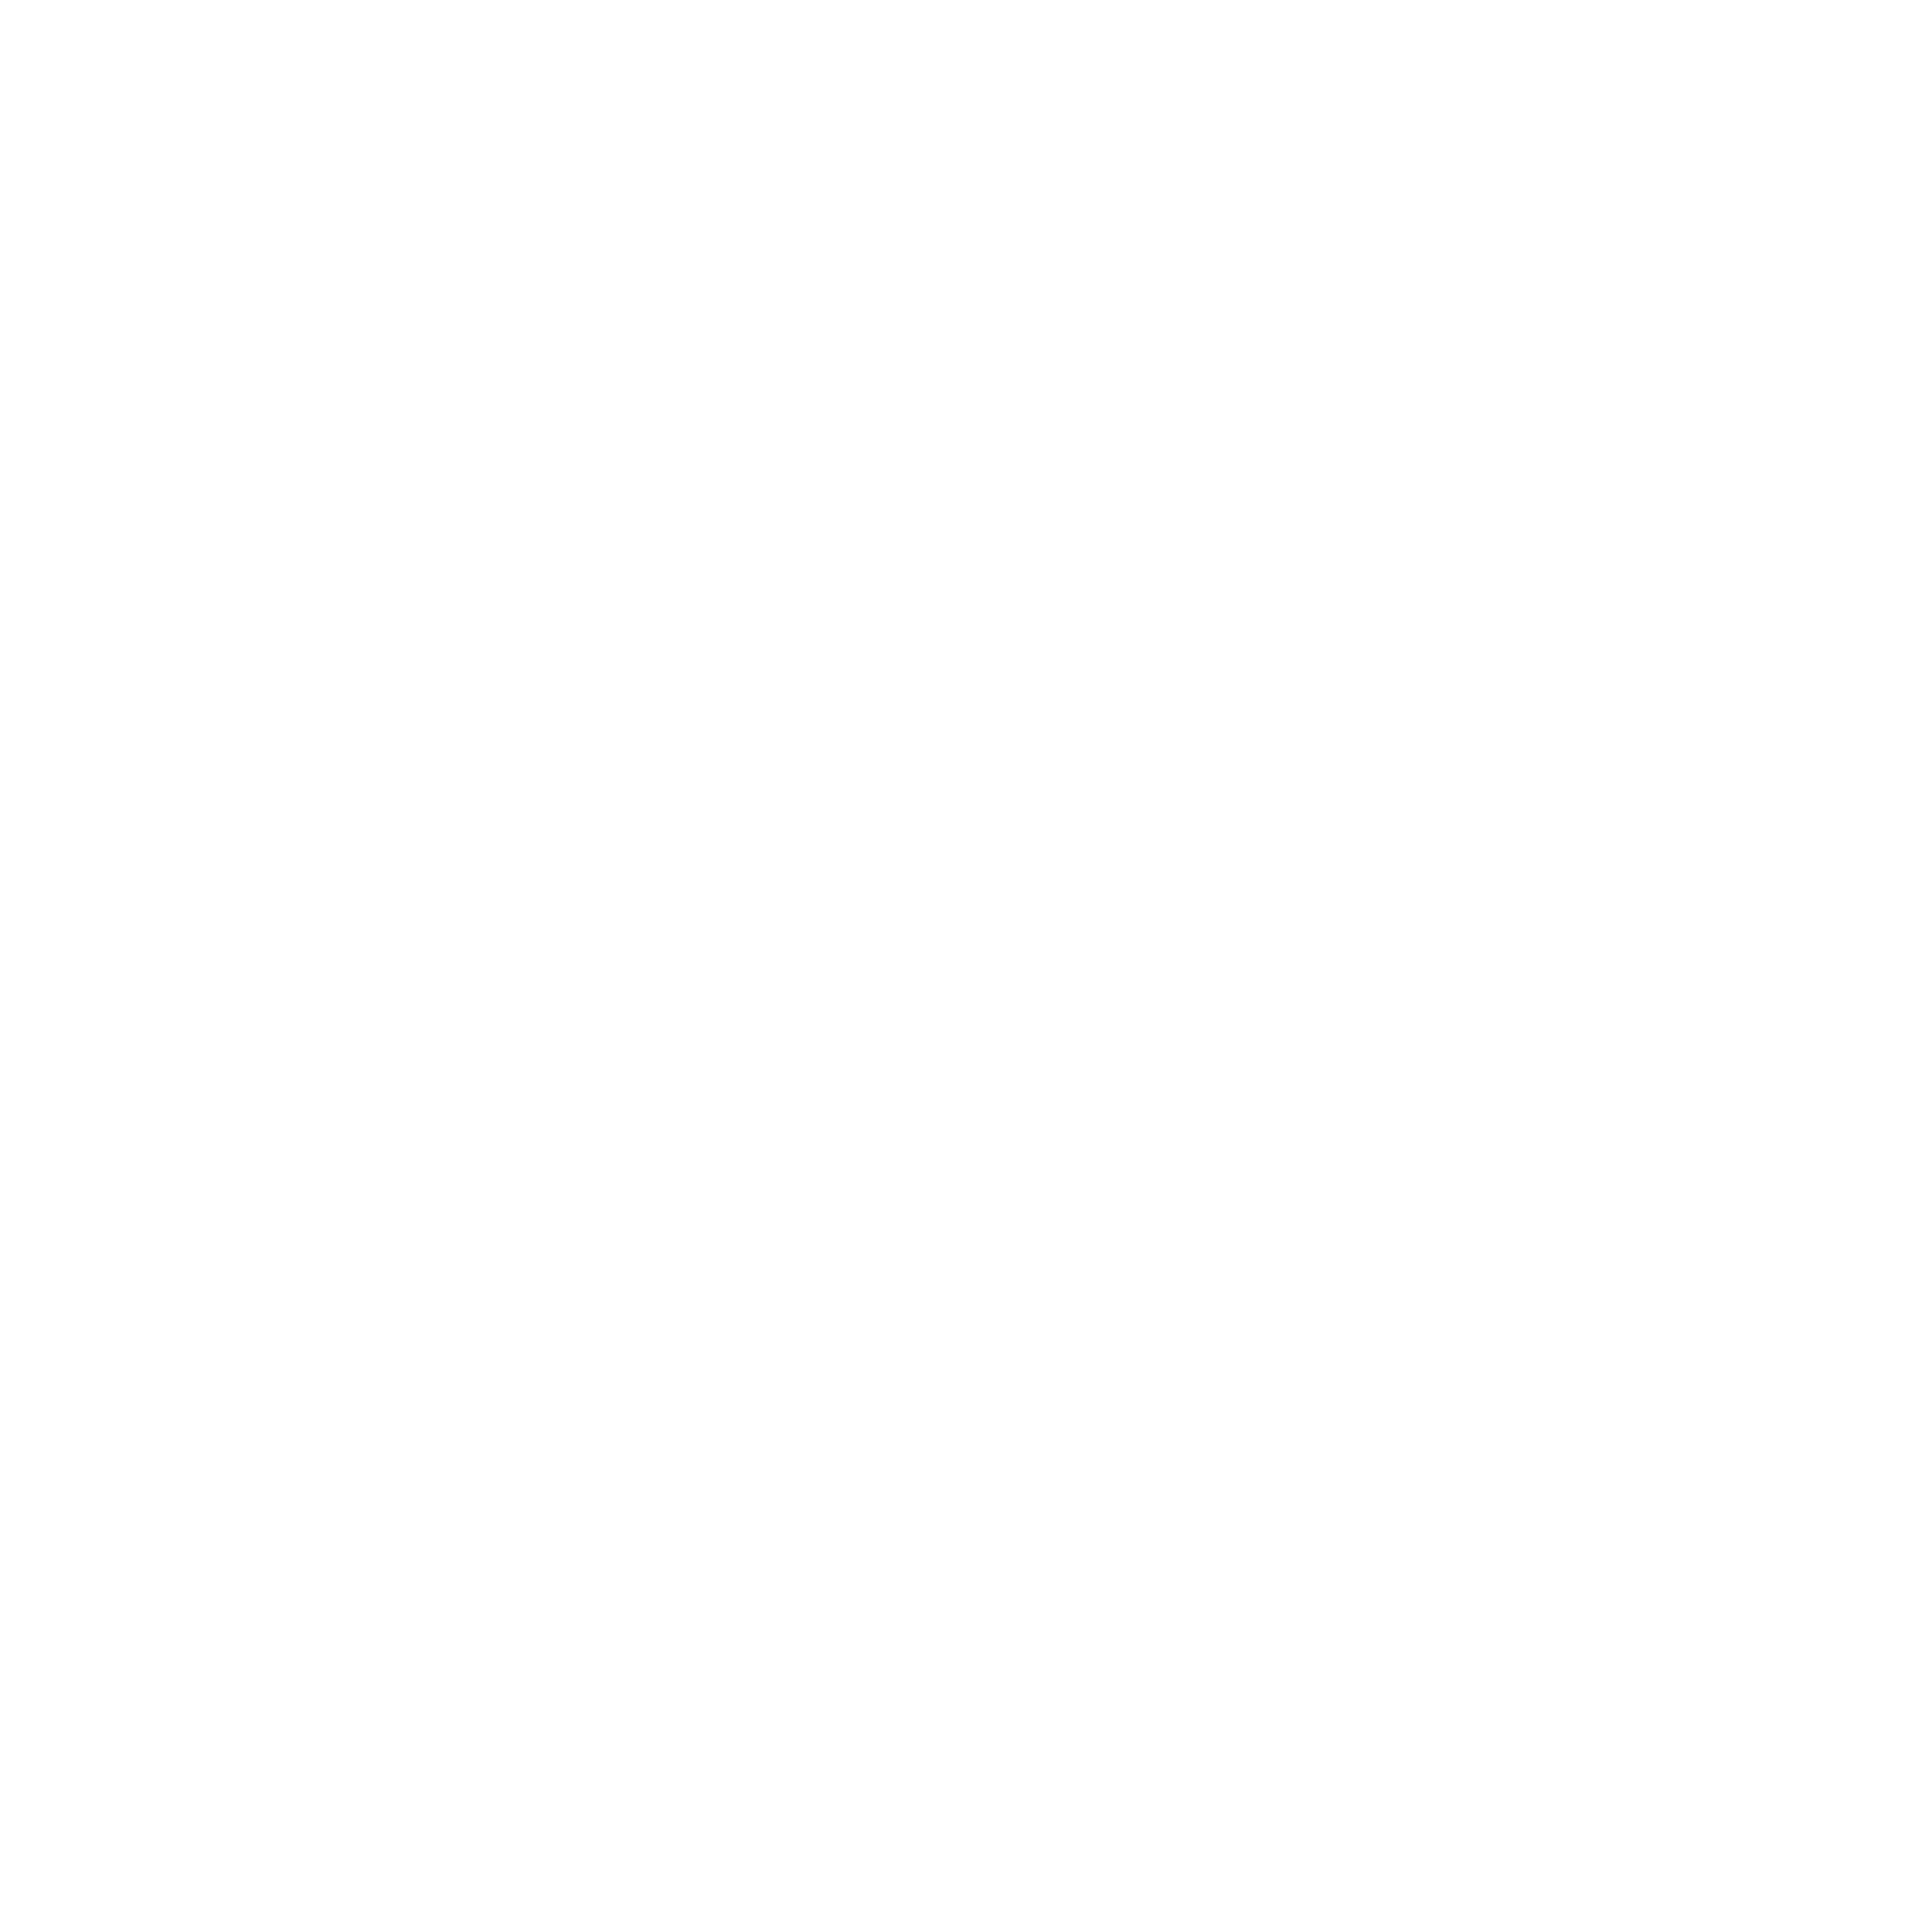 linkedin.com/company/aqtr